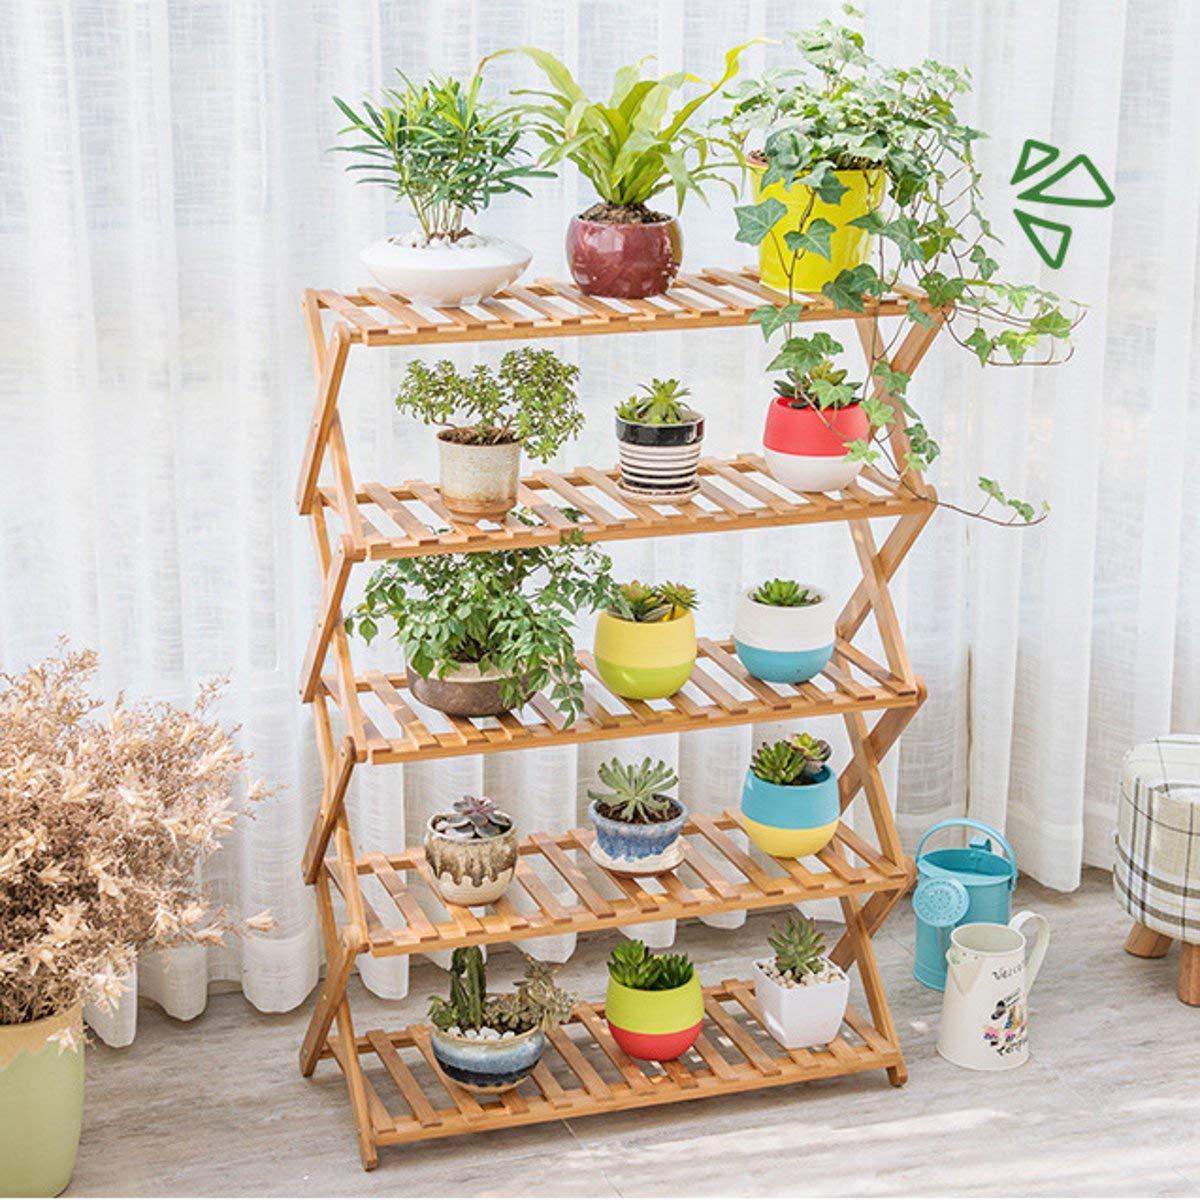 Giardino Balcone Flower Pot Plant Stand Fioriera Fioriera Vassoio Espositore Scaffale Organizer Decorazione pieghevole